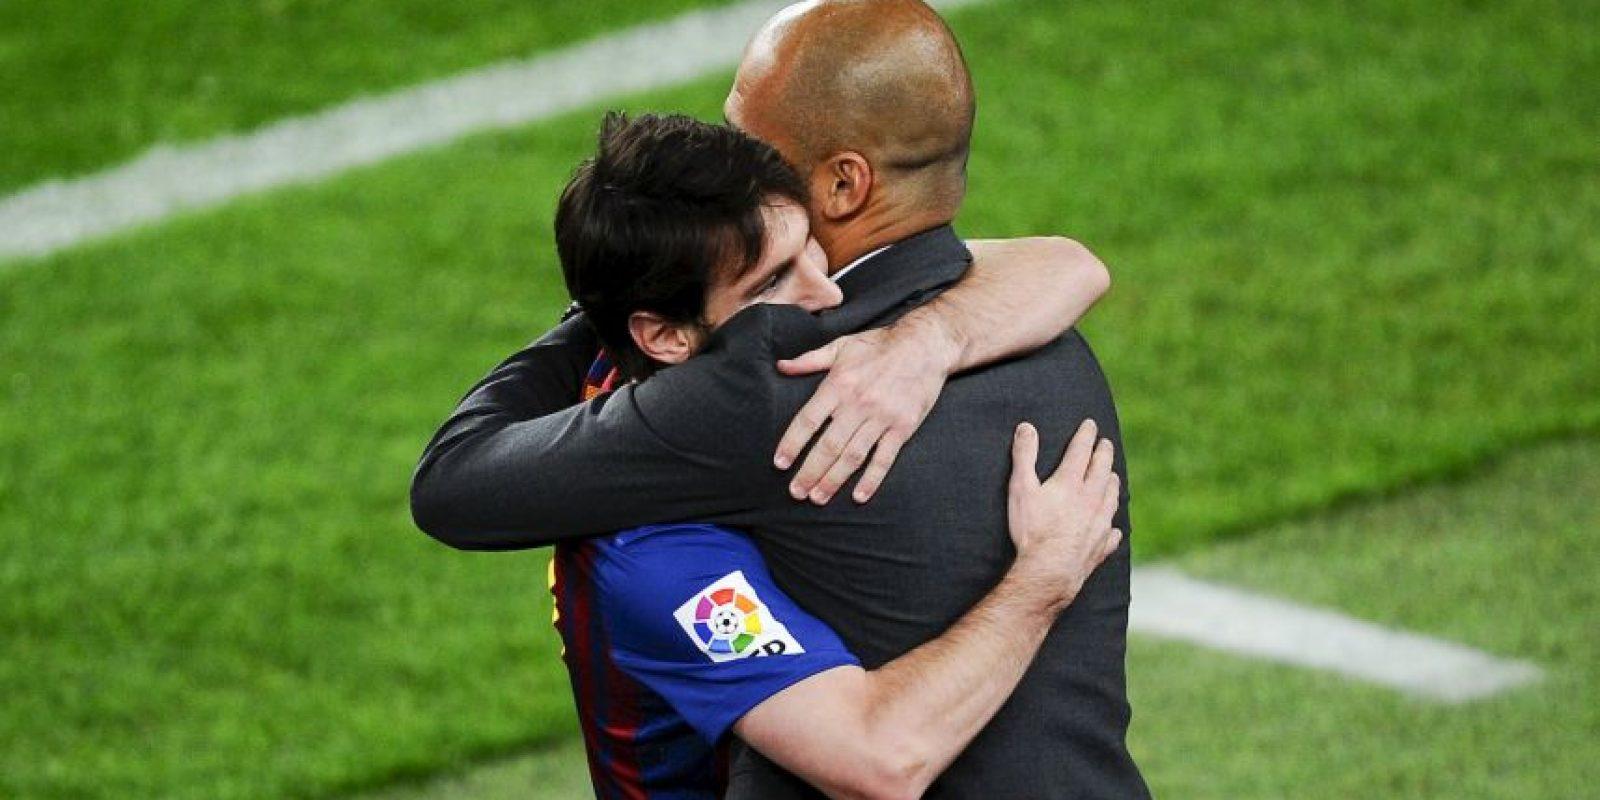 """""""Ellos son un gran equipo al igual que nosotros. Hemos de probar, analizar, aquello que podemos hacer en cada partido"""", apuntó Pep. Foto:Getty Images"""